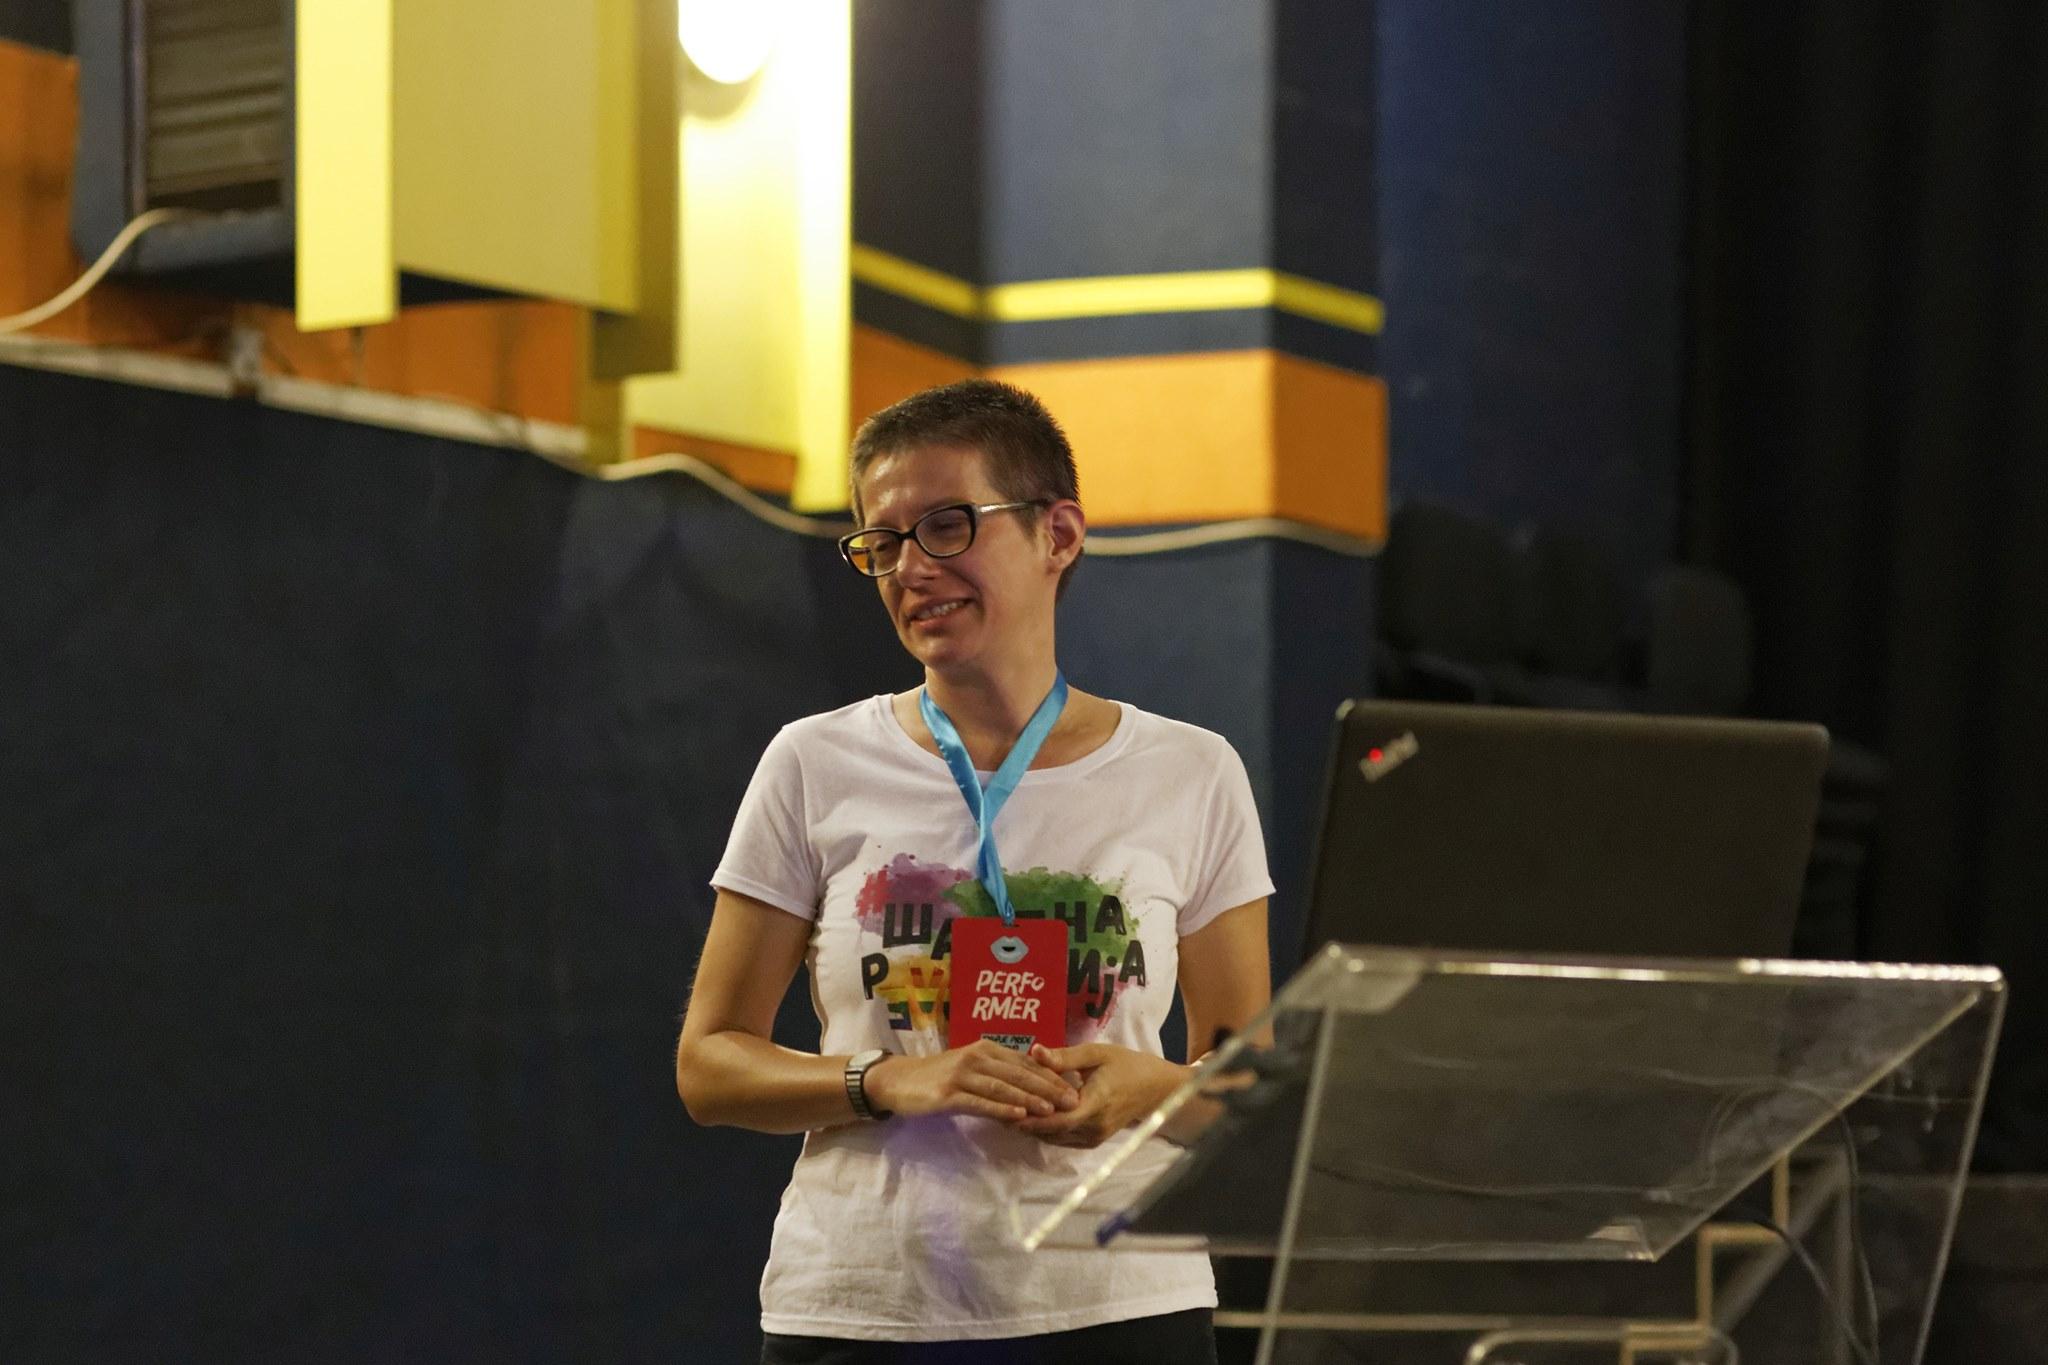 Ana Mishkovska Kajevska